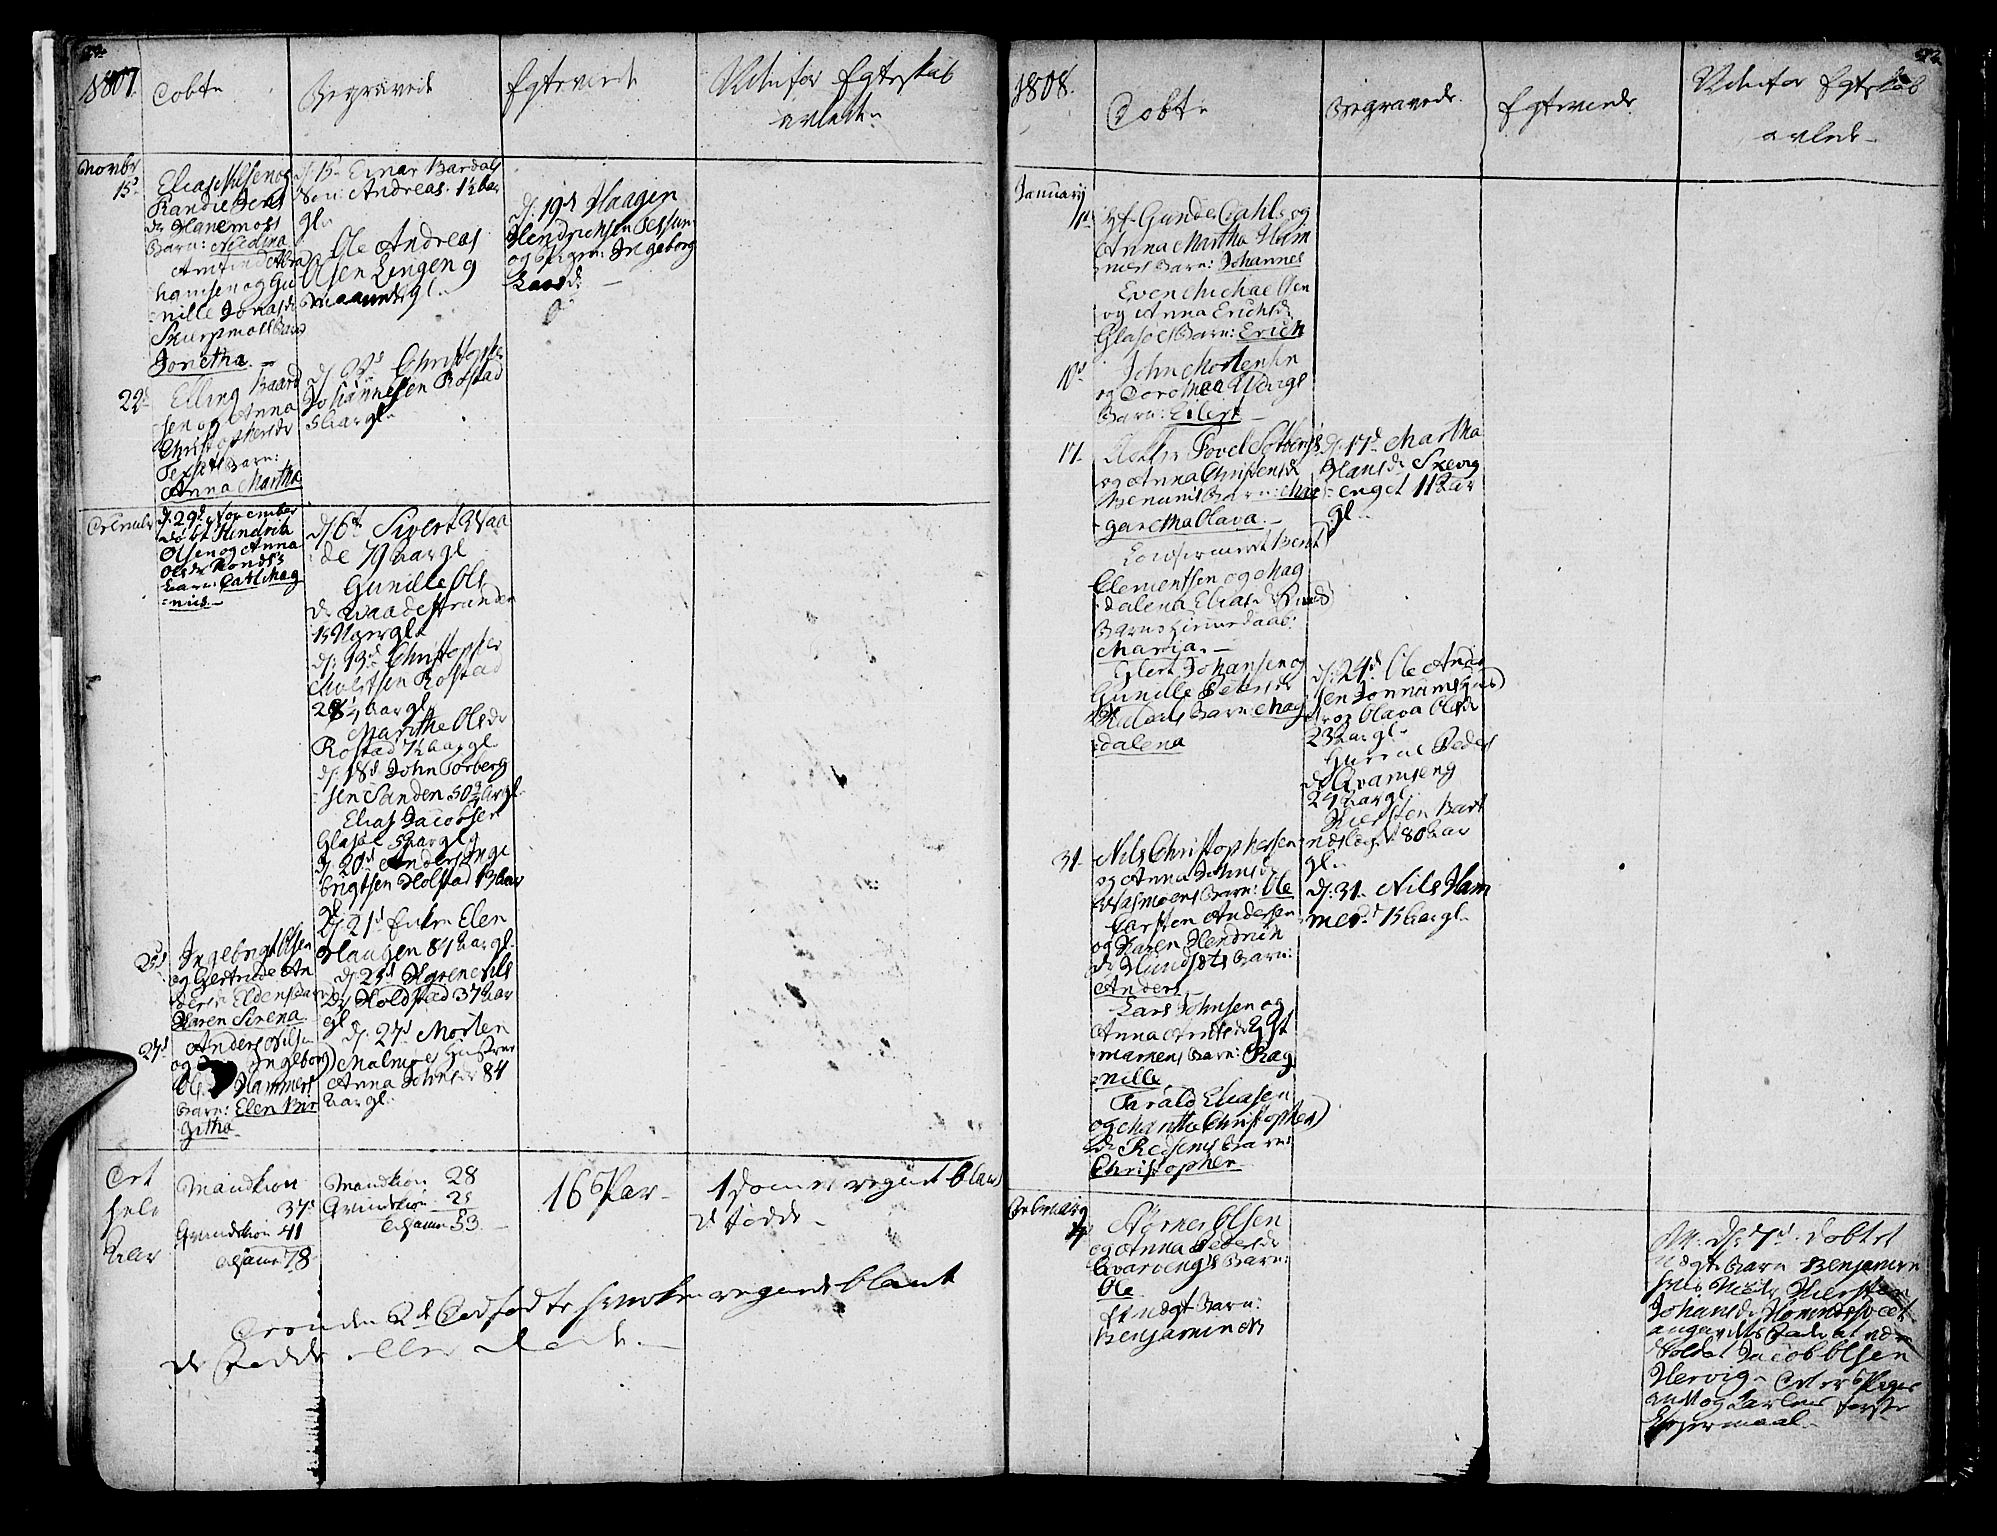 SAT, Ministerialprotokoller, klokkerbøker og fødselsregistre - Nord-Trøndelag, 741/L0386: Ministerialbok nr. 741A02, 1804-1816, s. 22-23